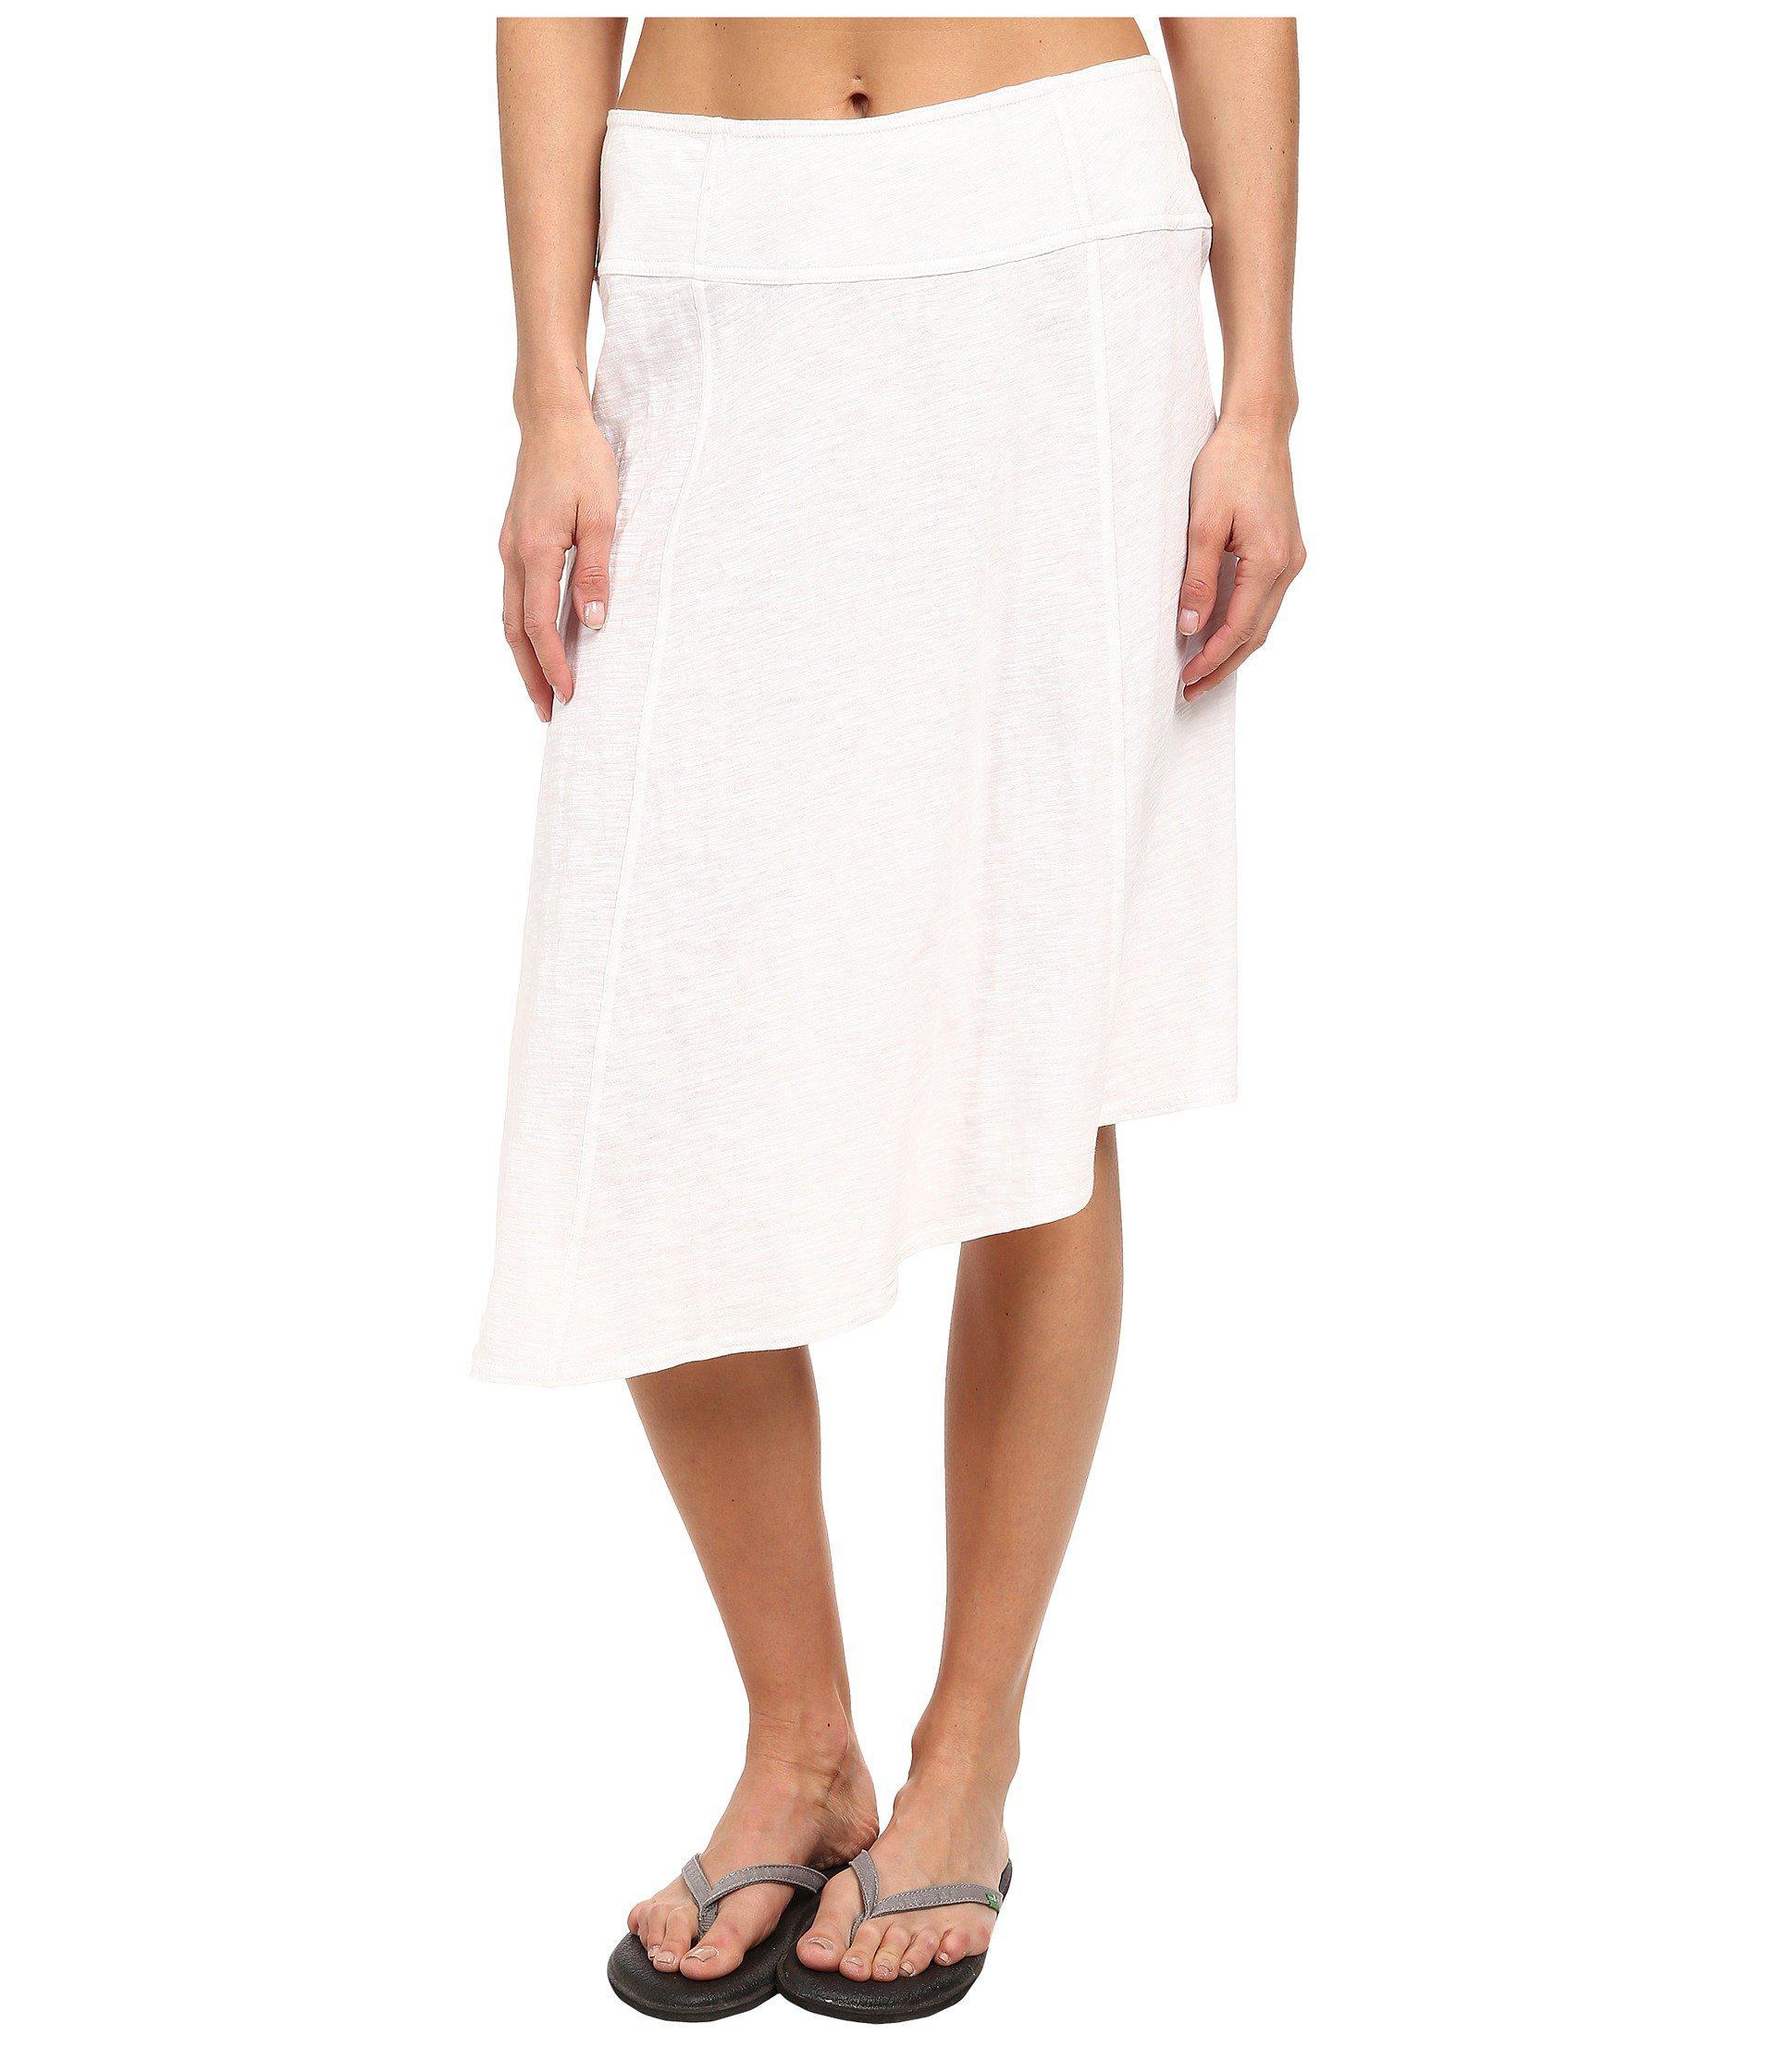 7e0cf198f7 Lyst - Prana Jacinta Skirt in White